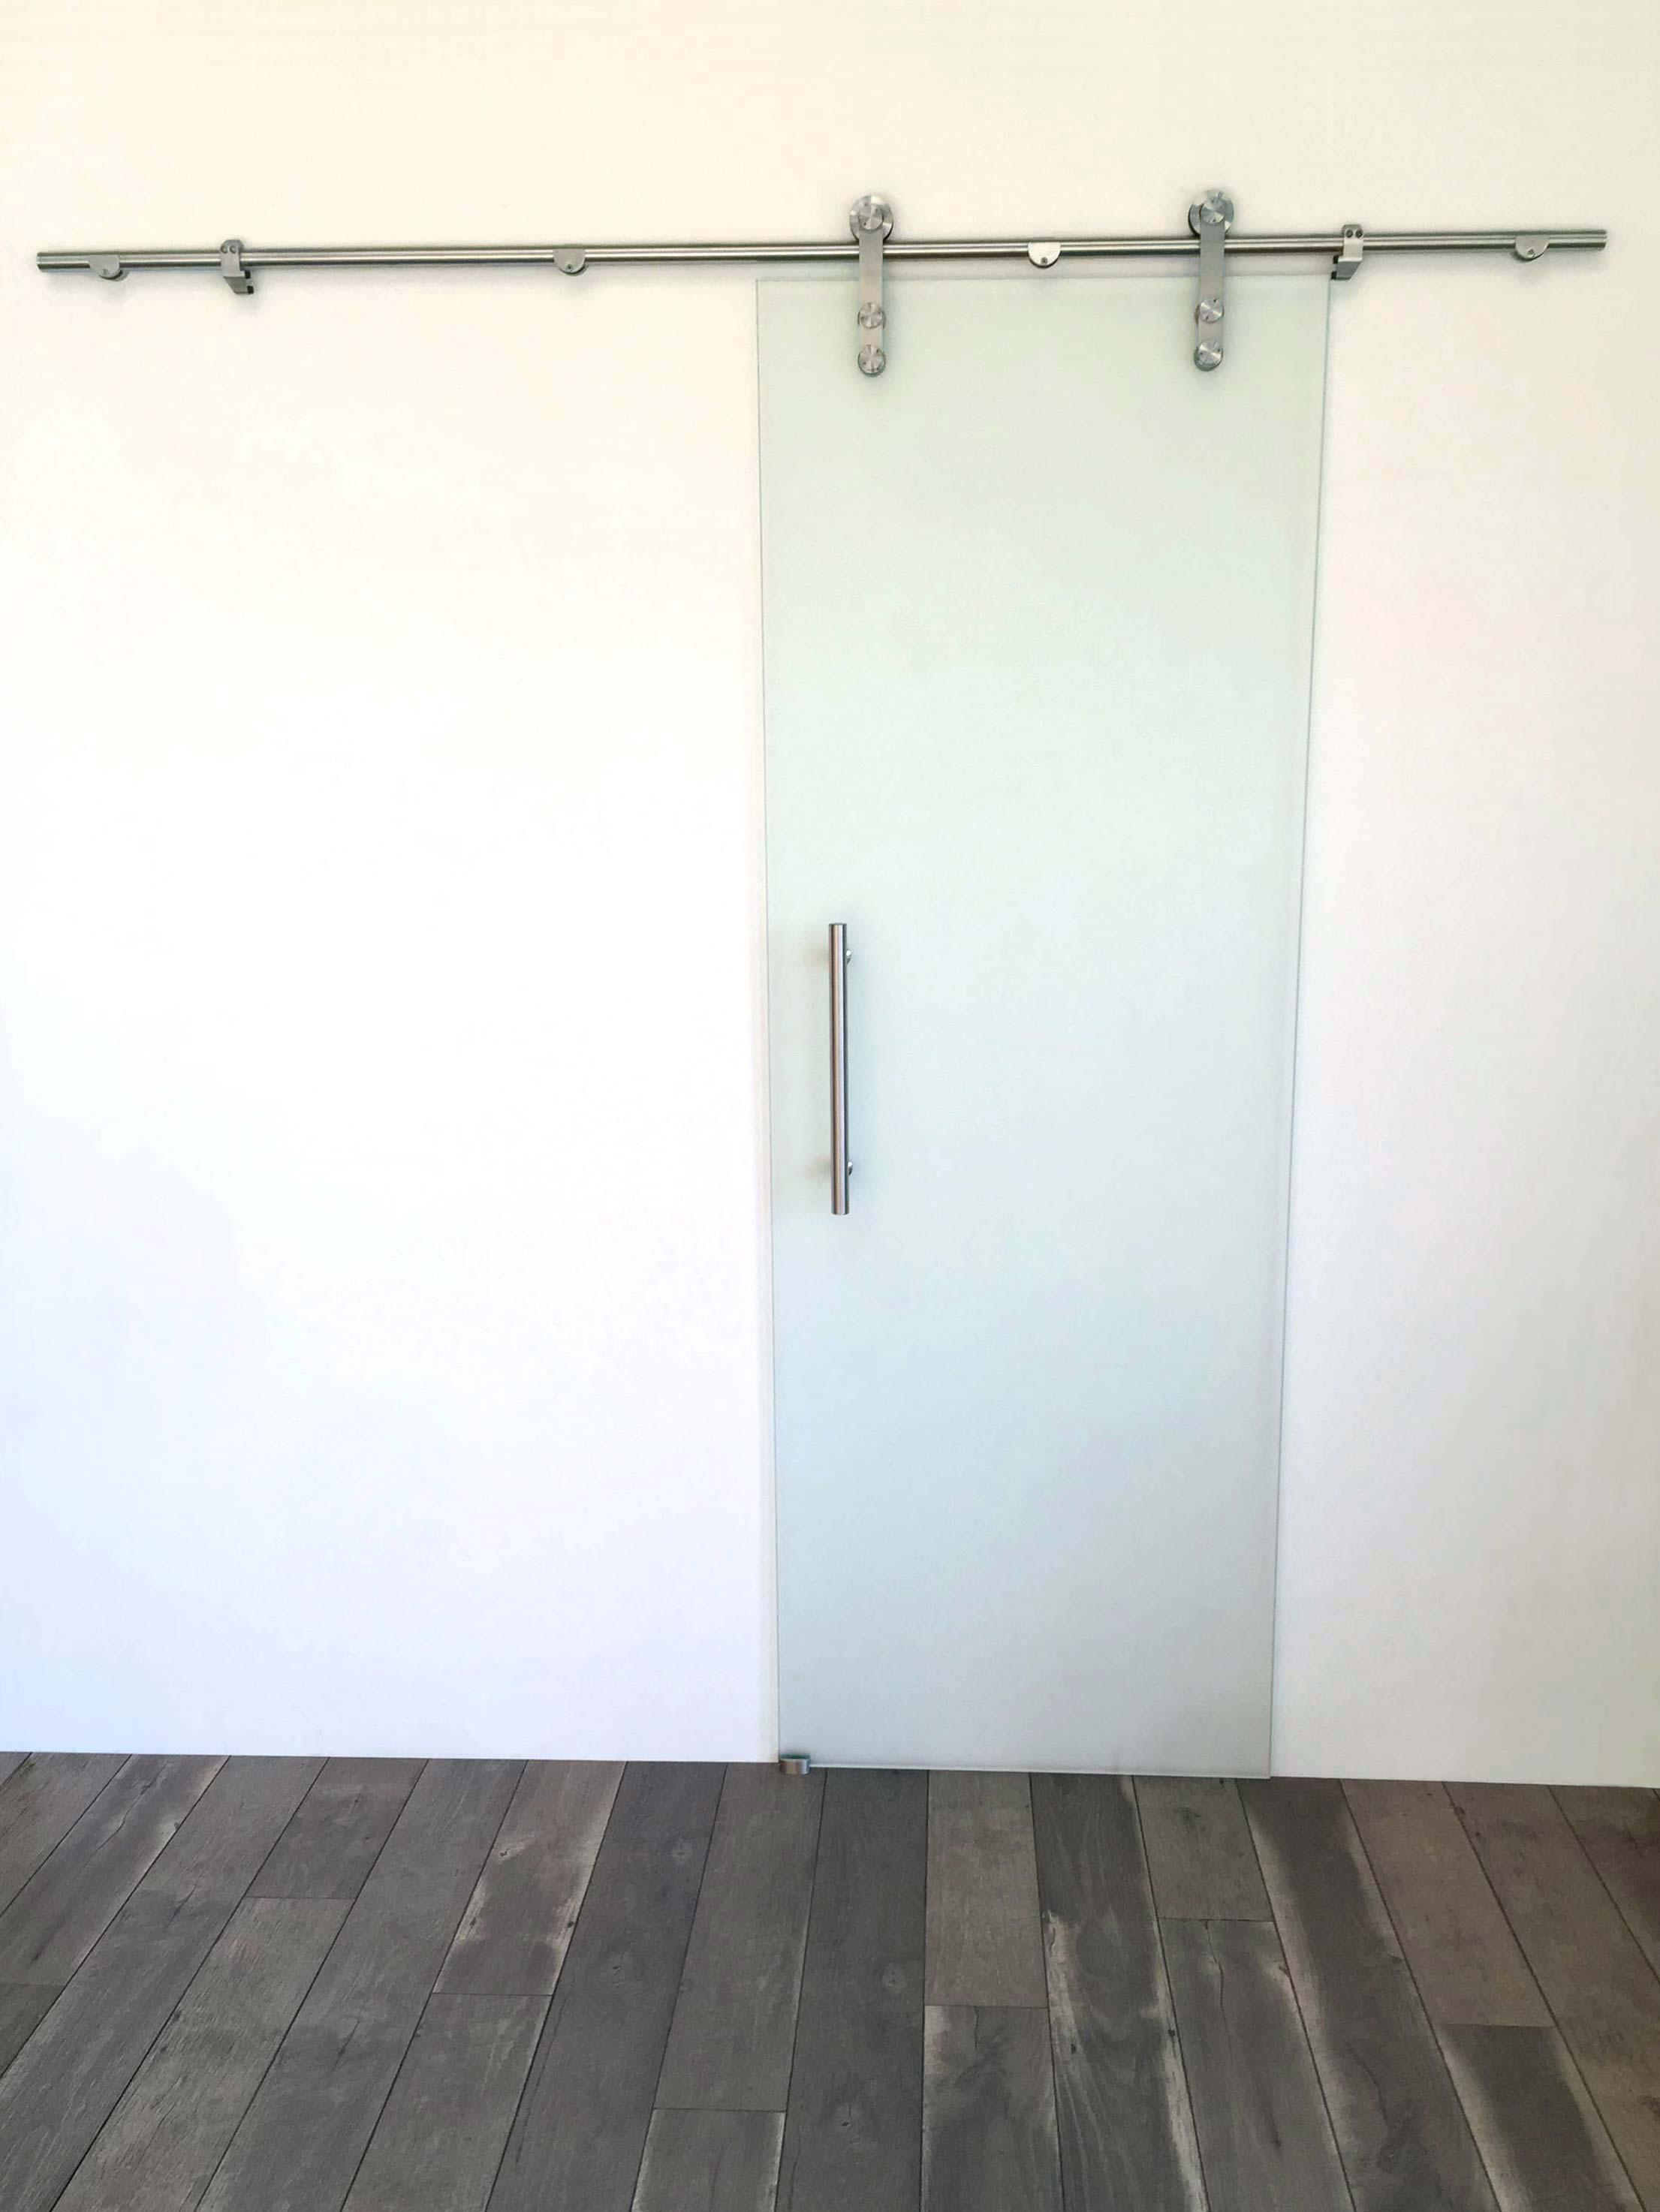 Stainless Steel Frameless  Single. Window Shades For Sliding Doors. Curtain Doors. Garage Door Phone Opener. Garage Door Window Privacy. 9 Lite Door. The Door Bell. Door Strips. Bike Garage Storage Ideas